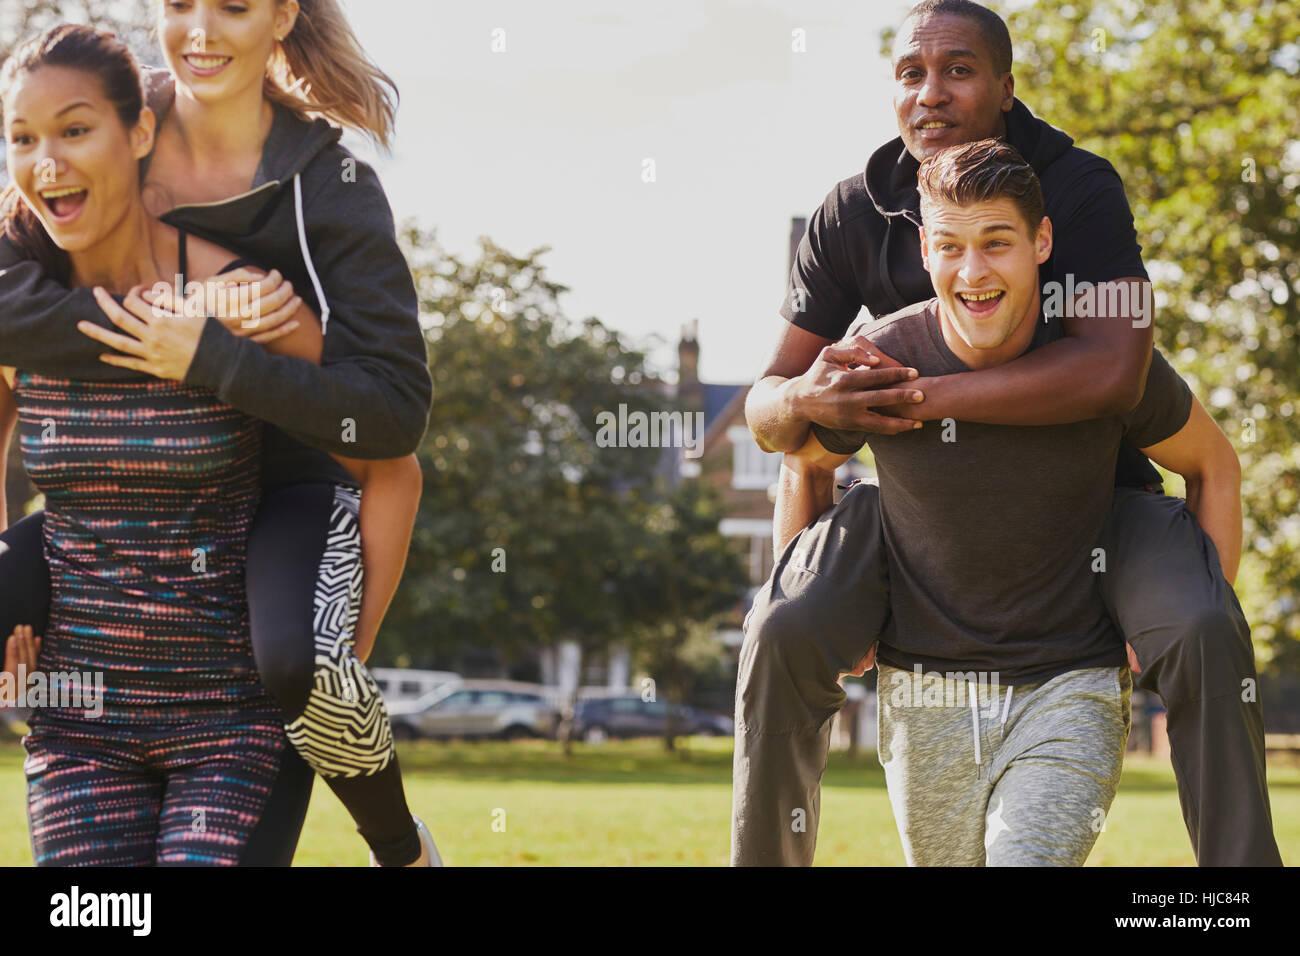 Gli uomini e le donne con formazione di divertimento nel parco, avente piggy back gara Immagini Stock